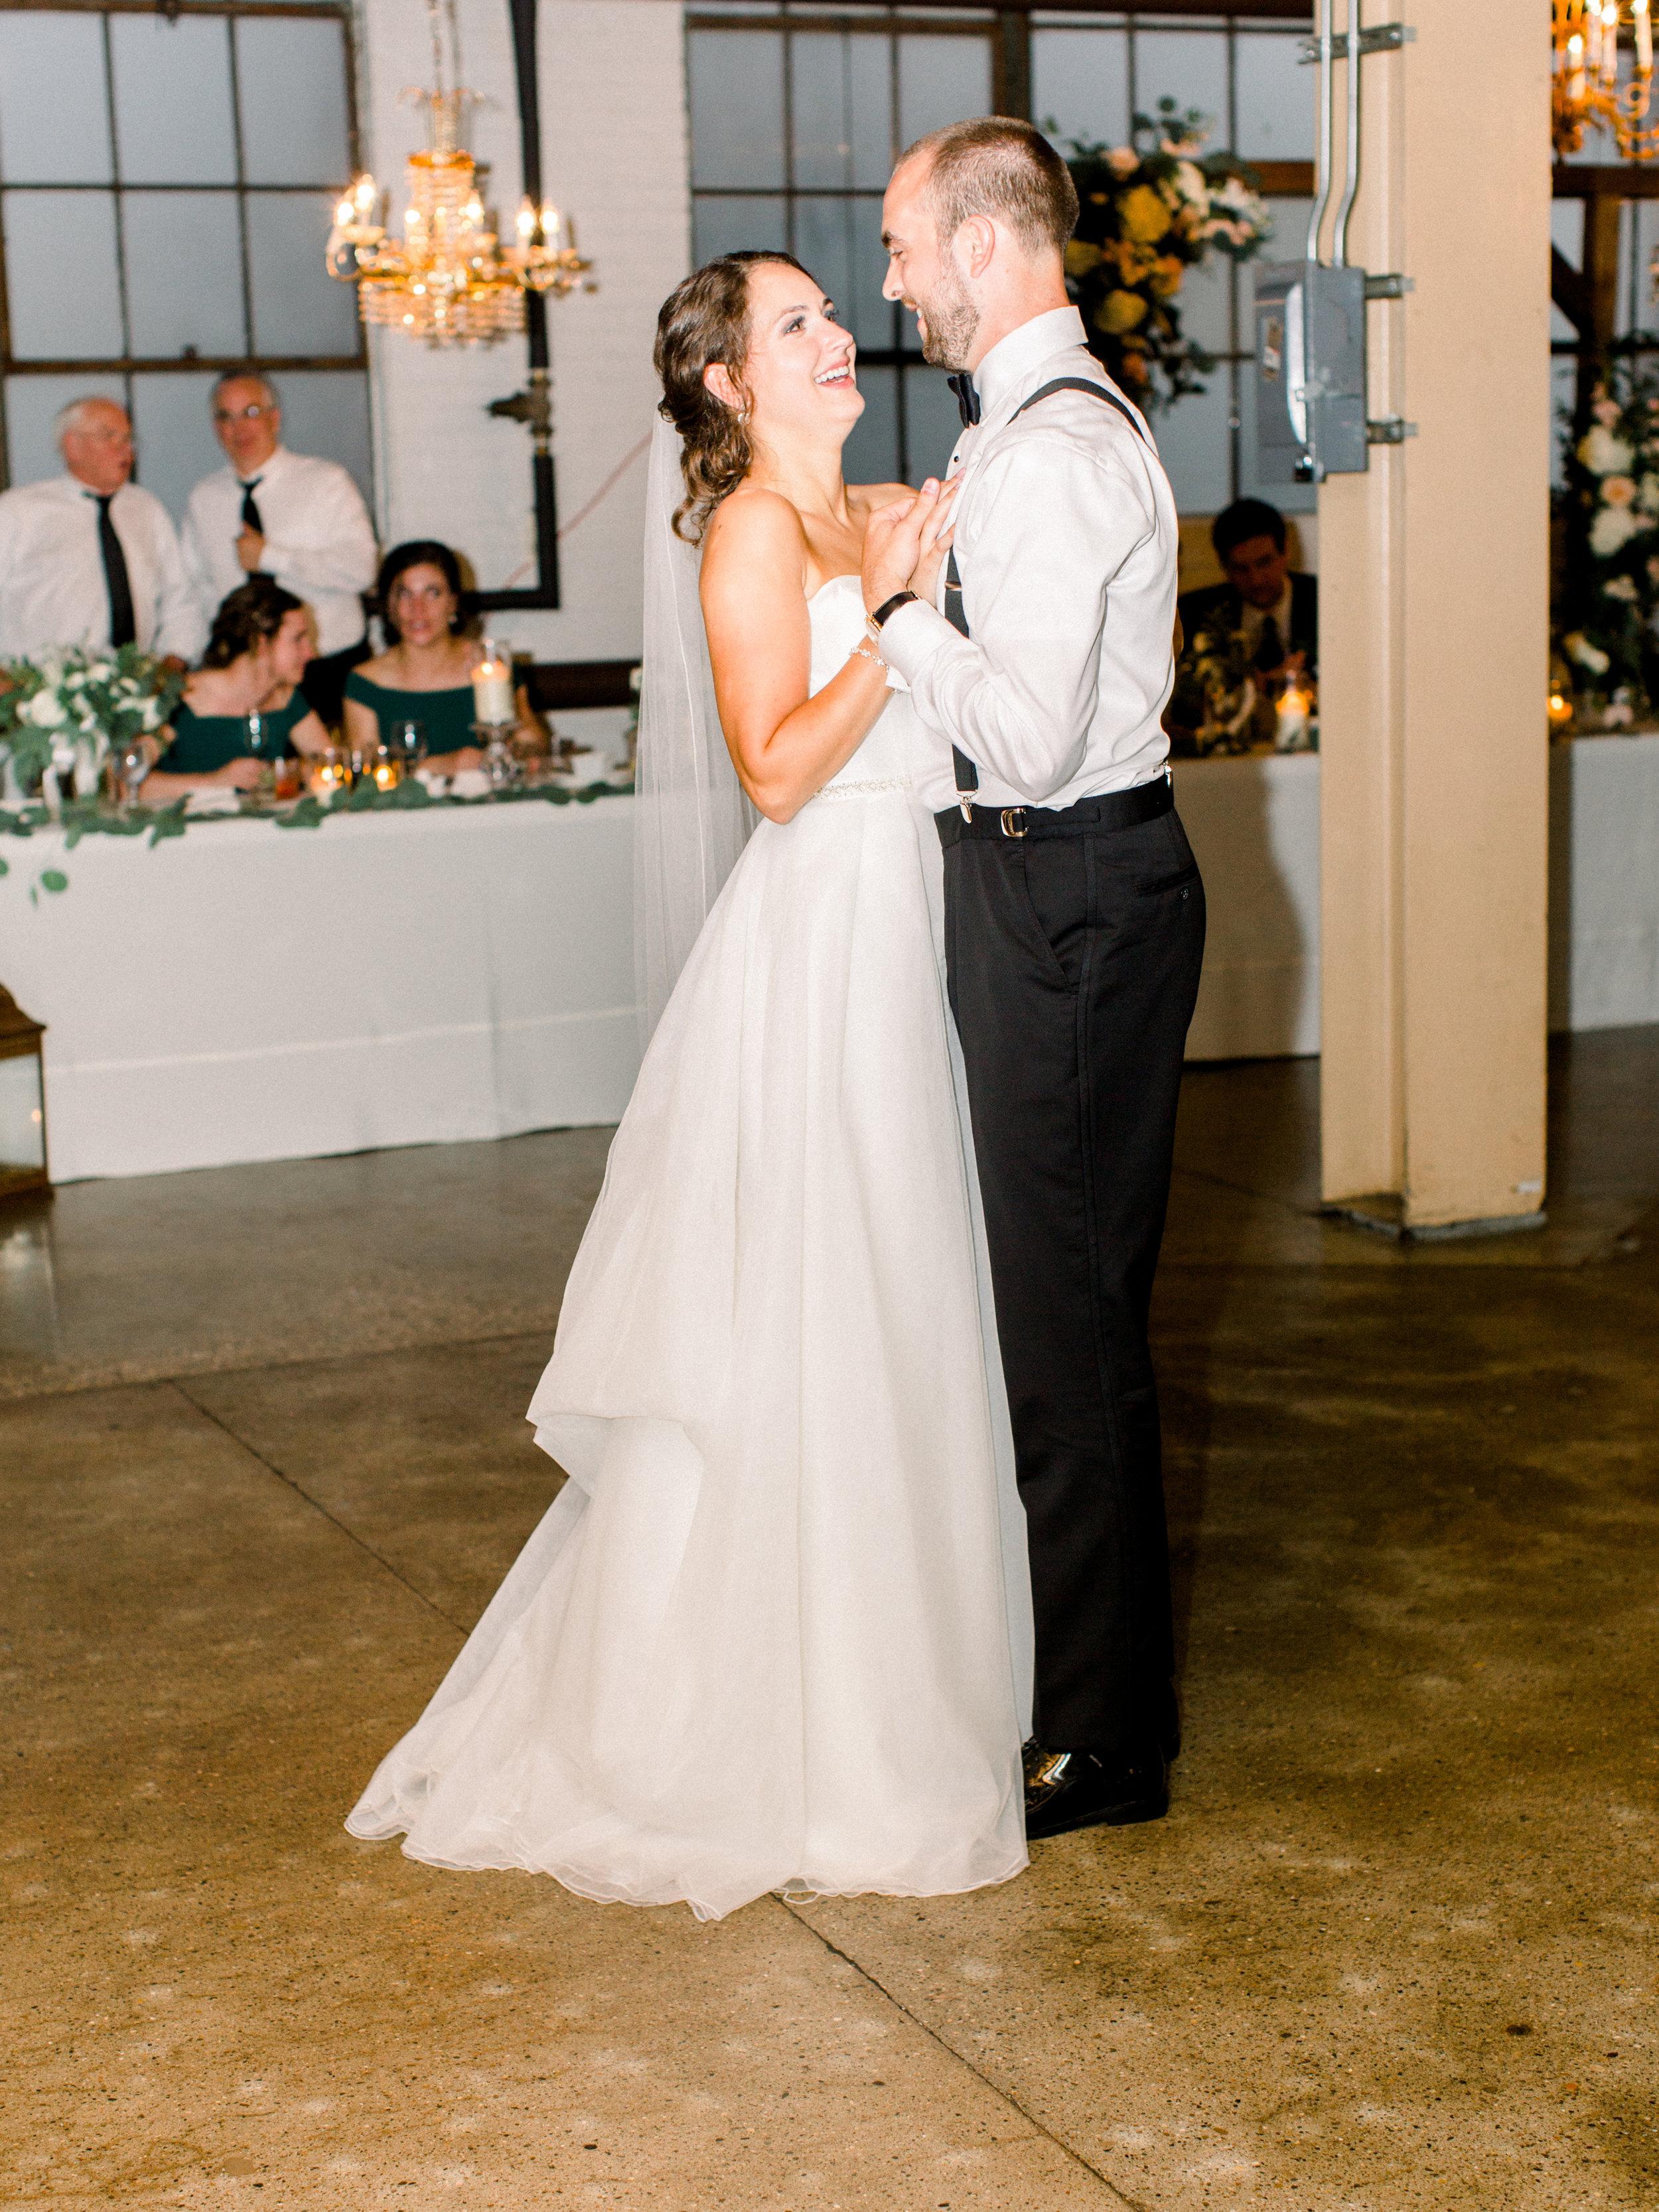 Steiner+Wedding+Reception+First+Dance-8.jpg